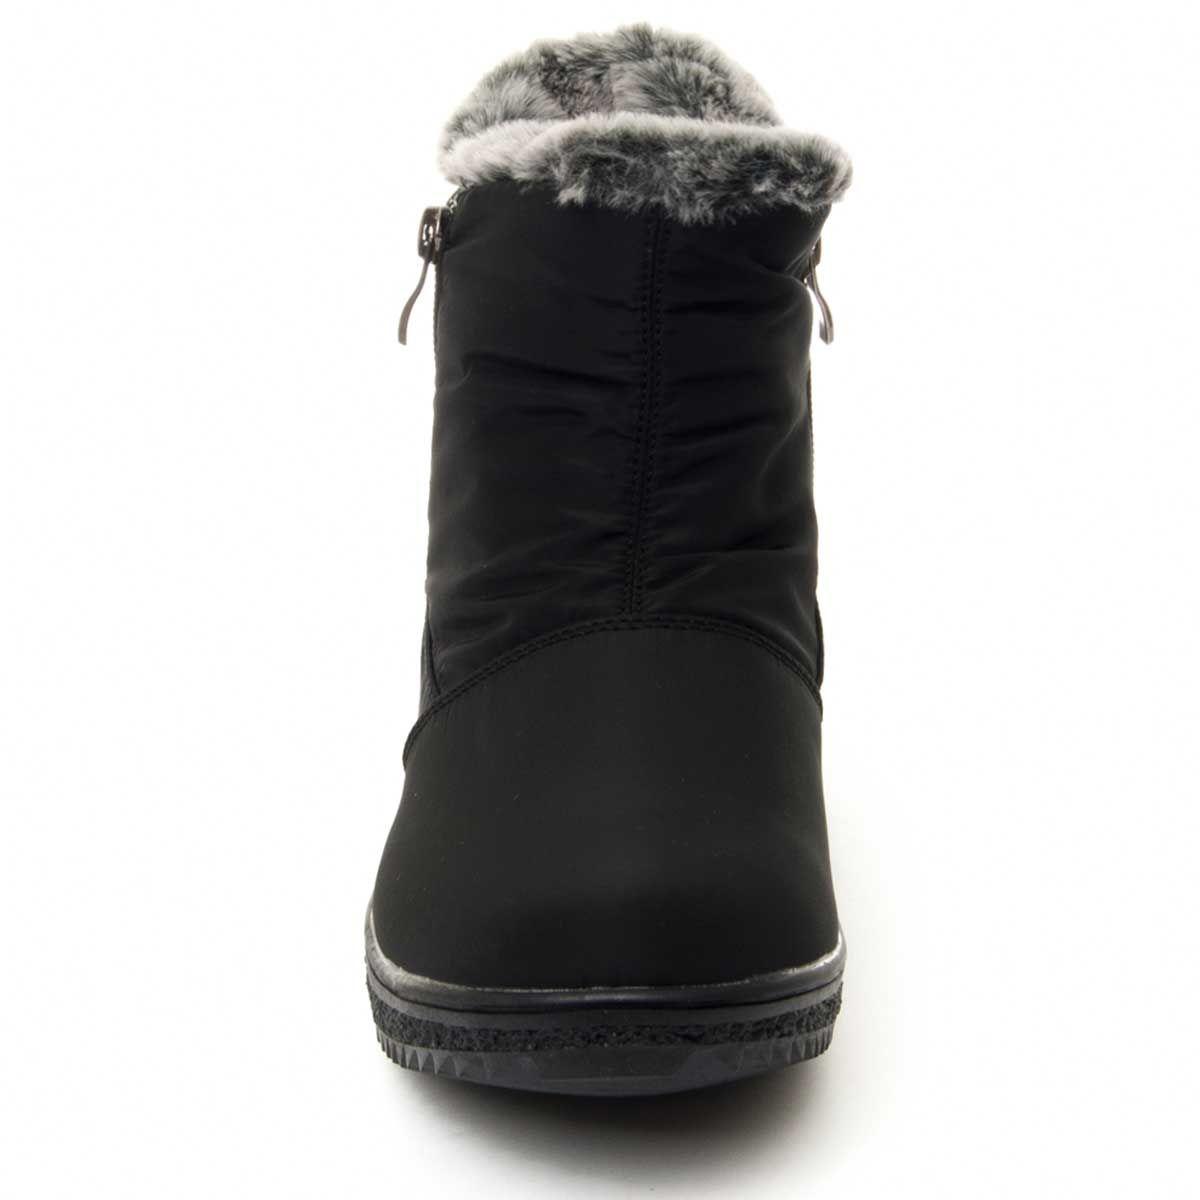 Montevita Winter Ankle Boot in Black